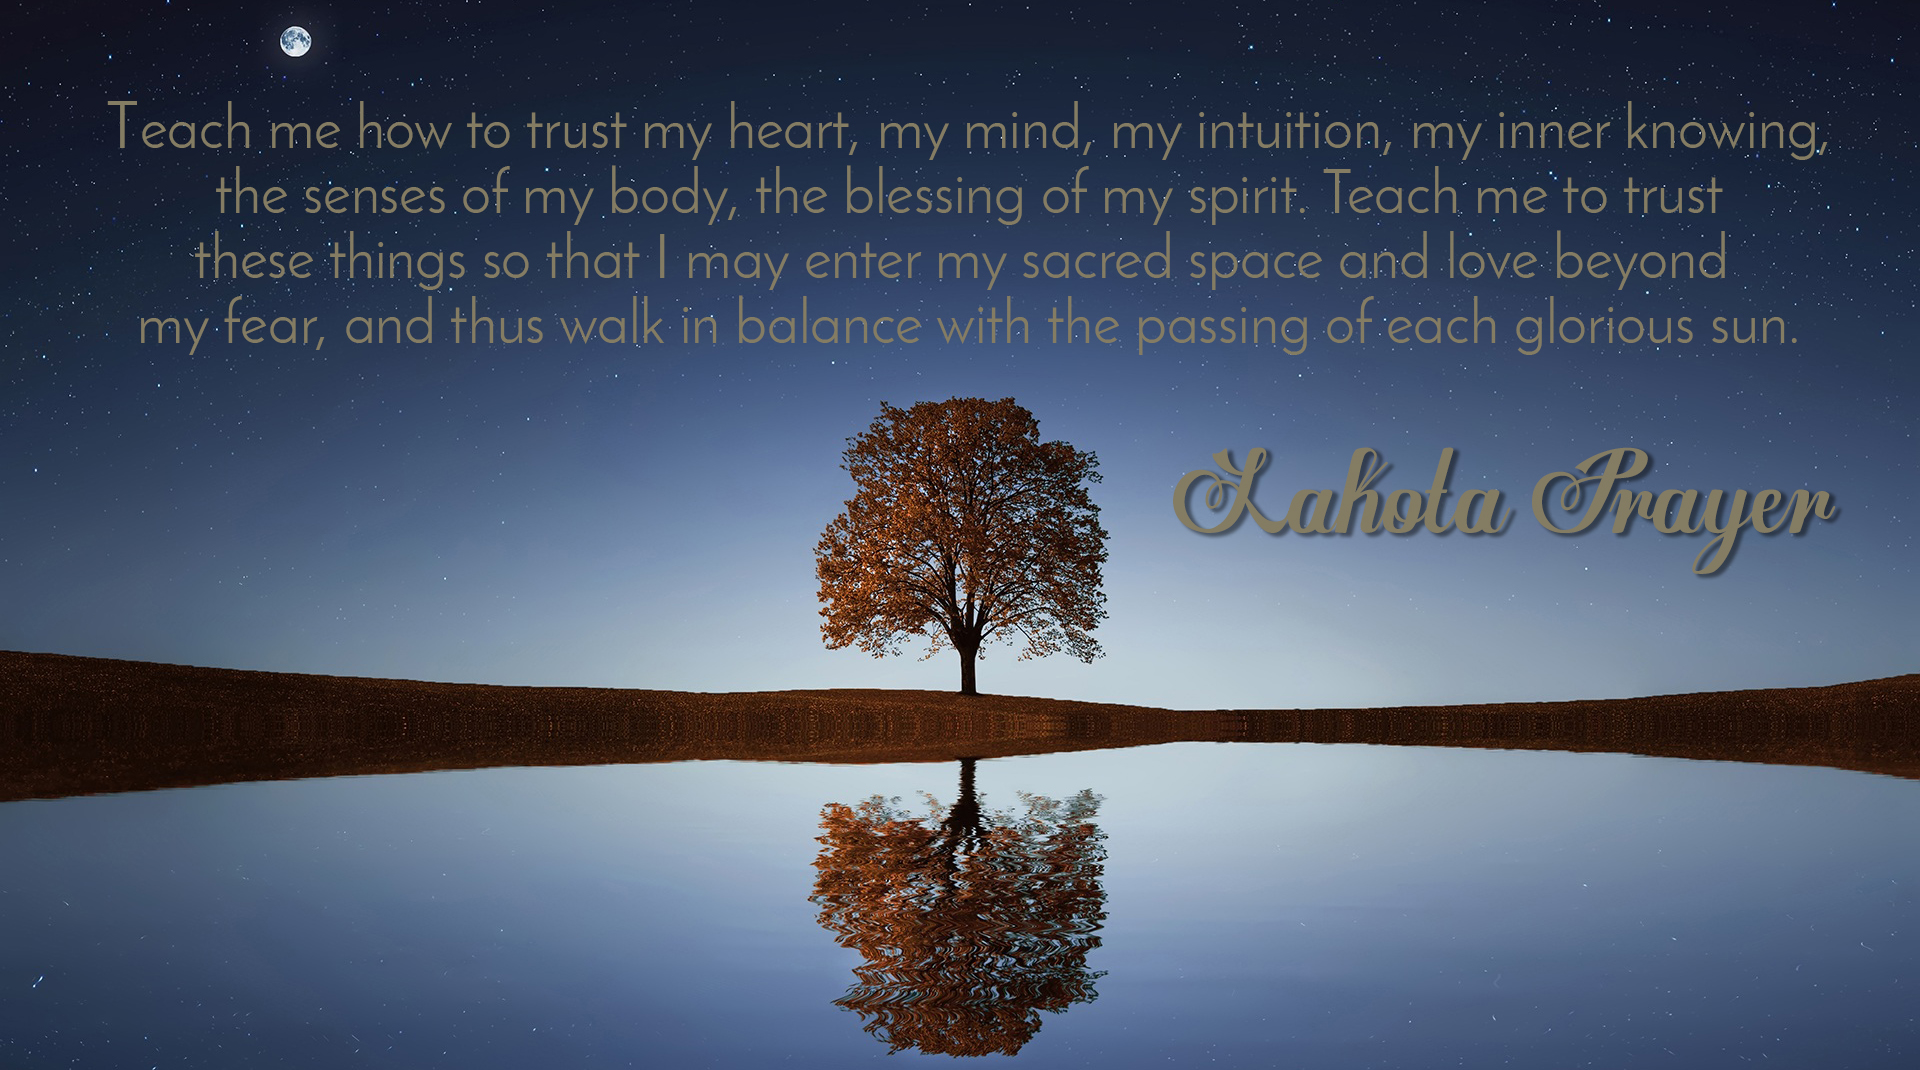 Lakota_prayer.jpg